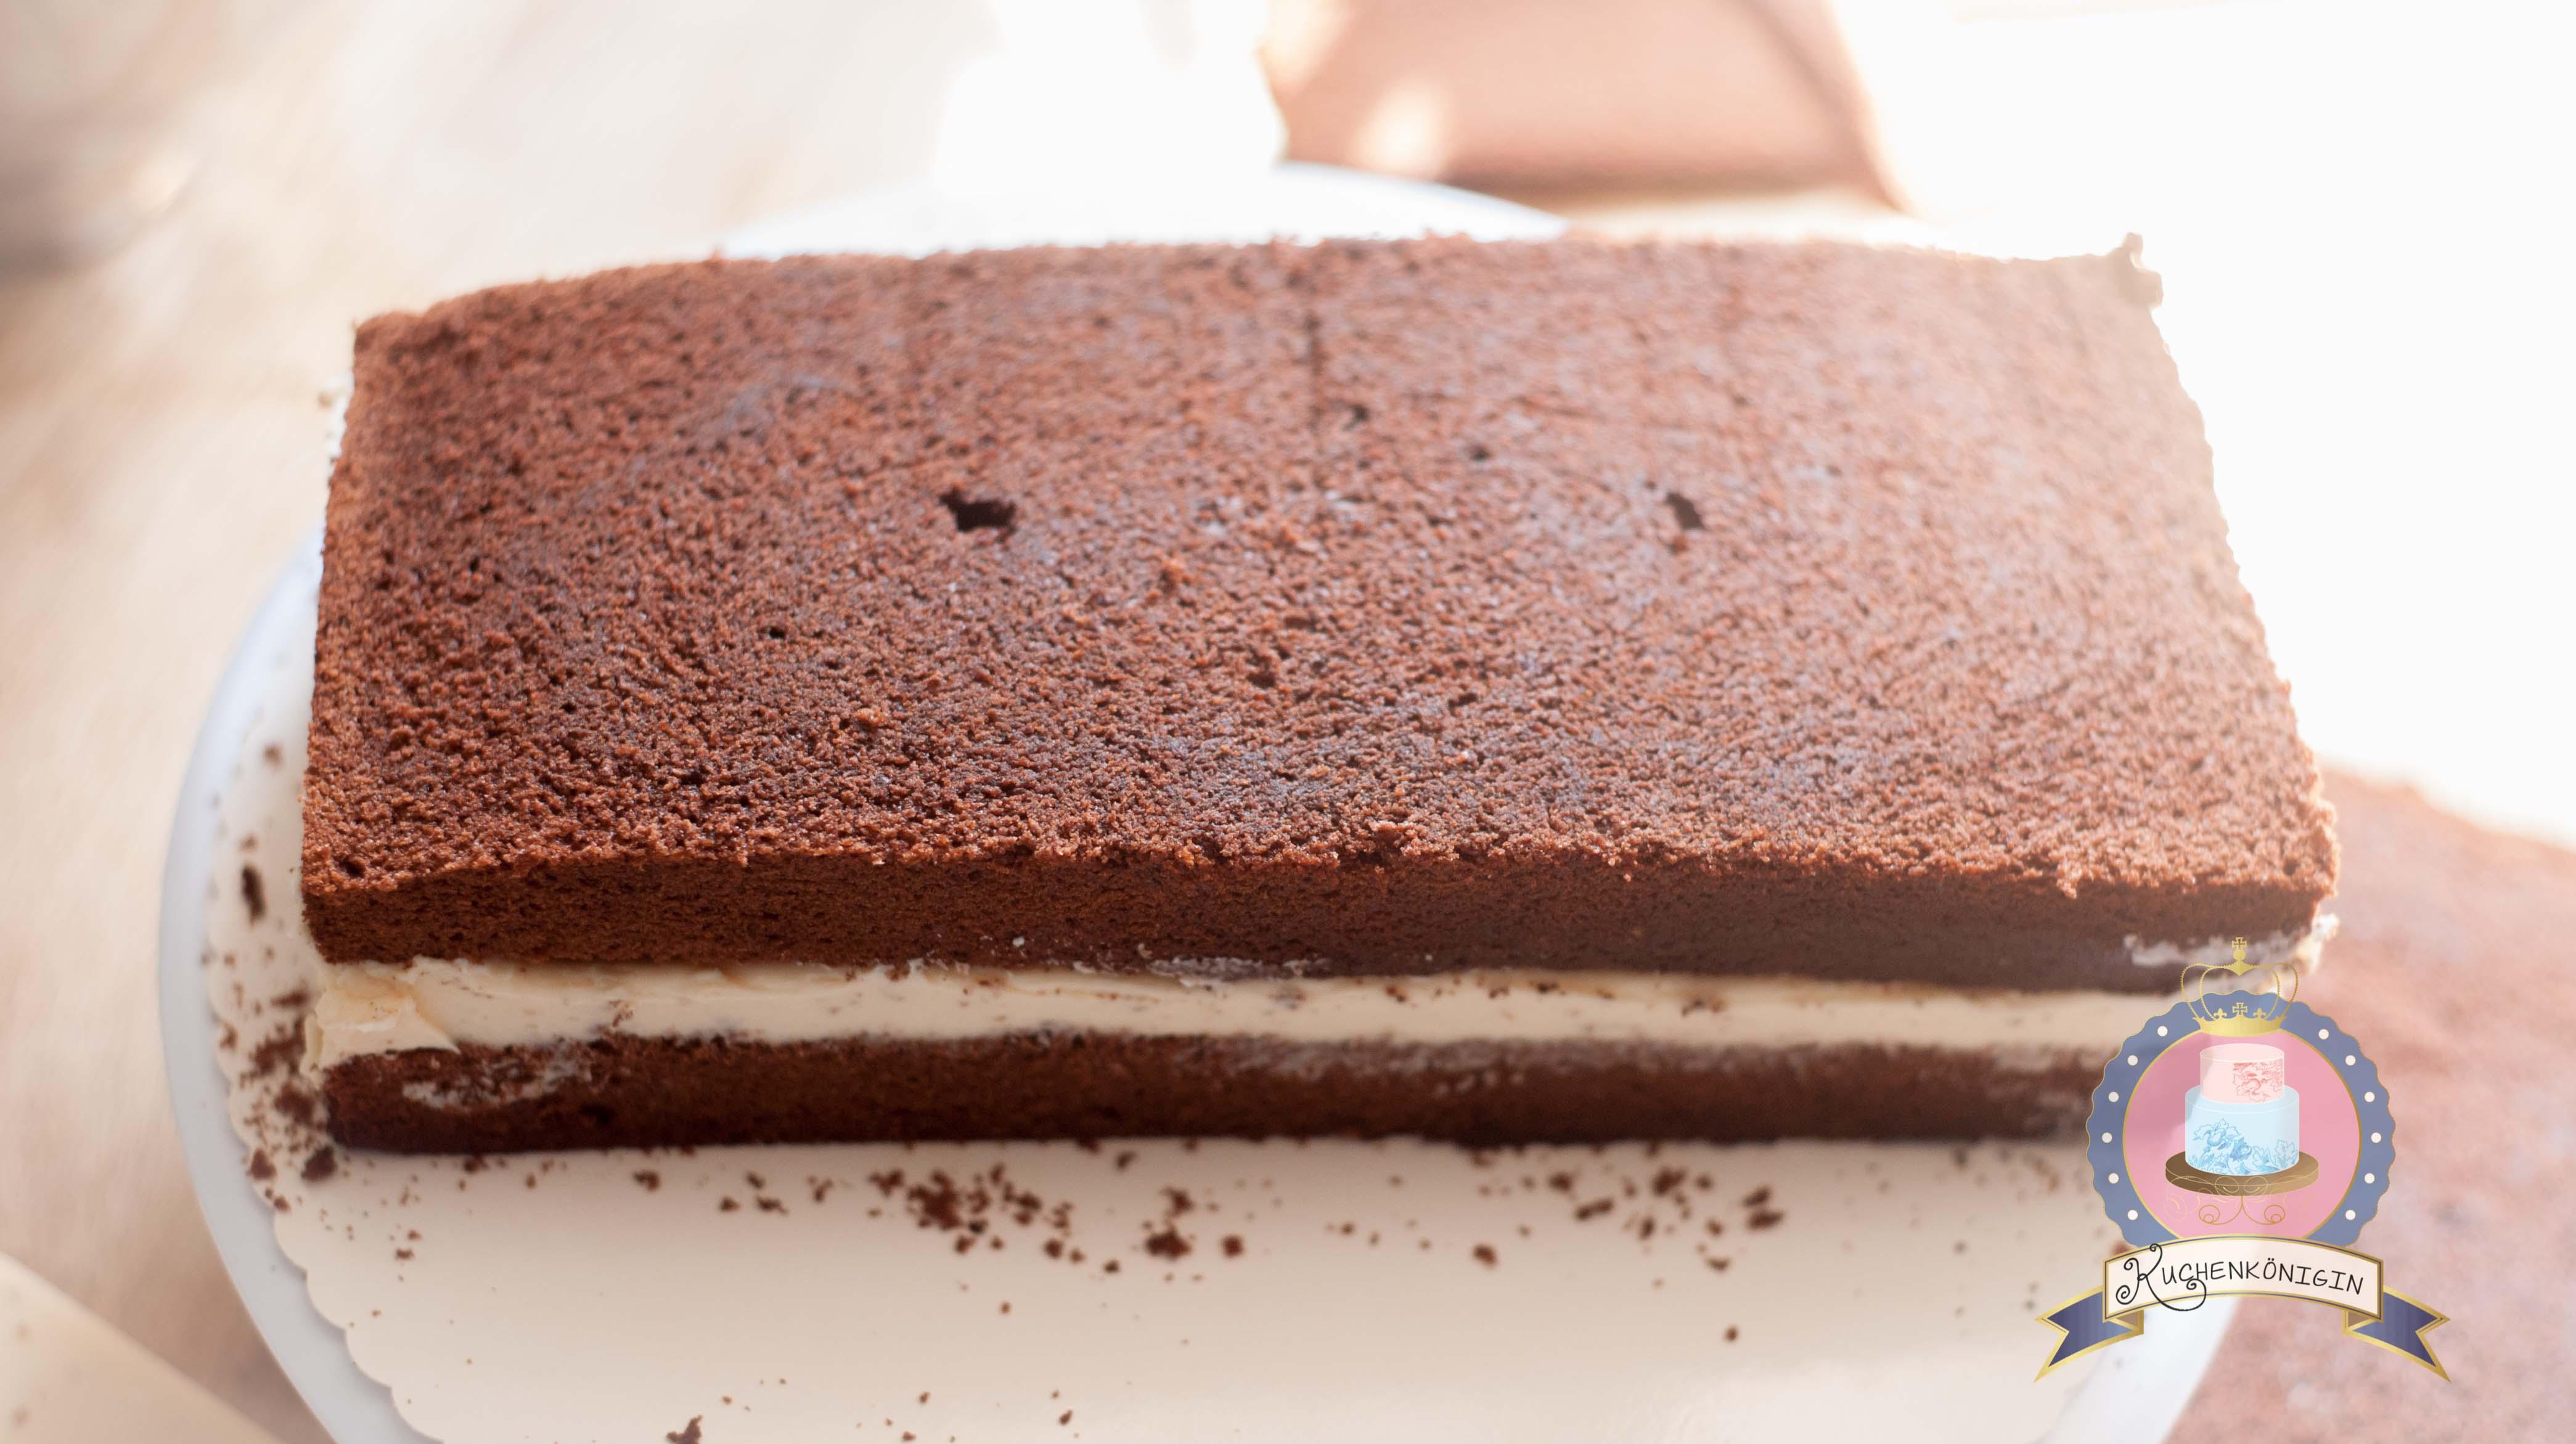 Milchschnitte Schoko Erdbeer Torte